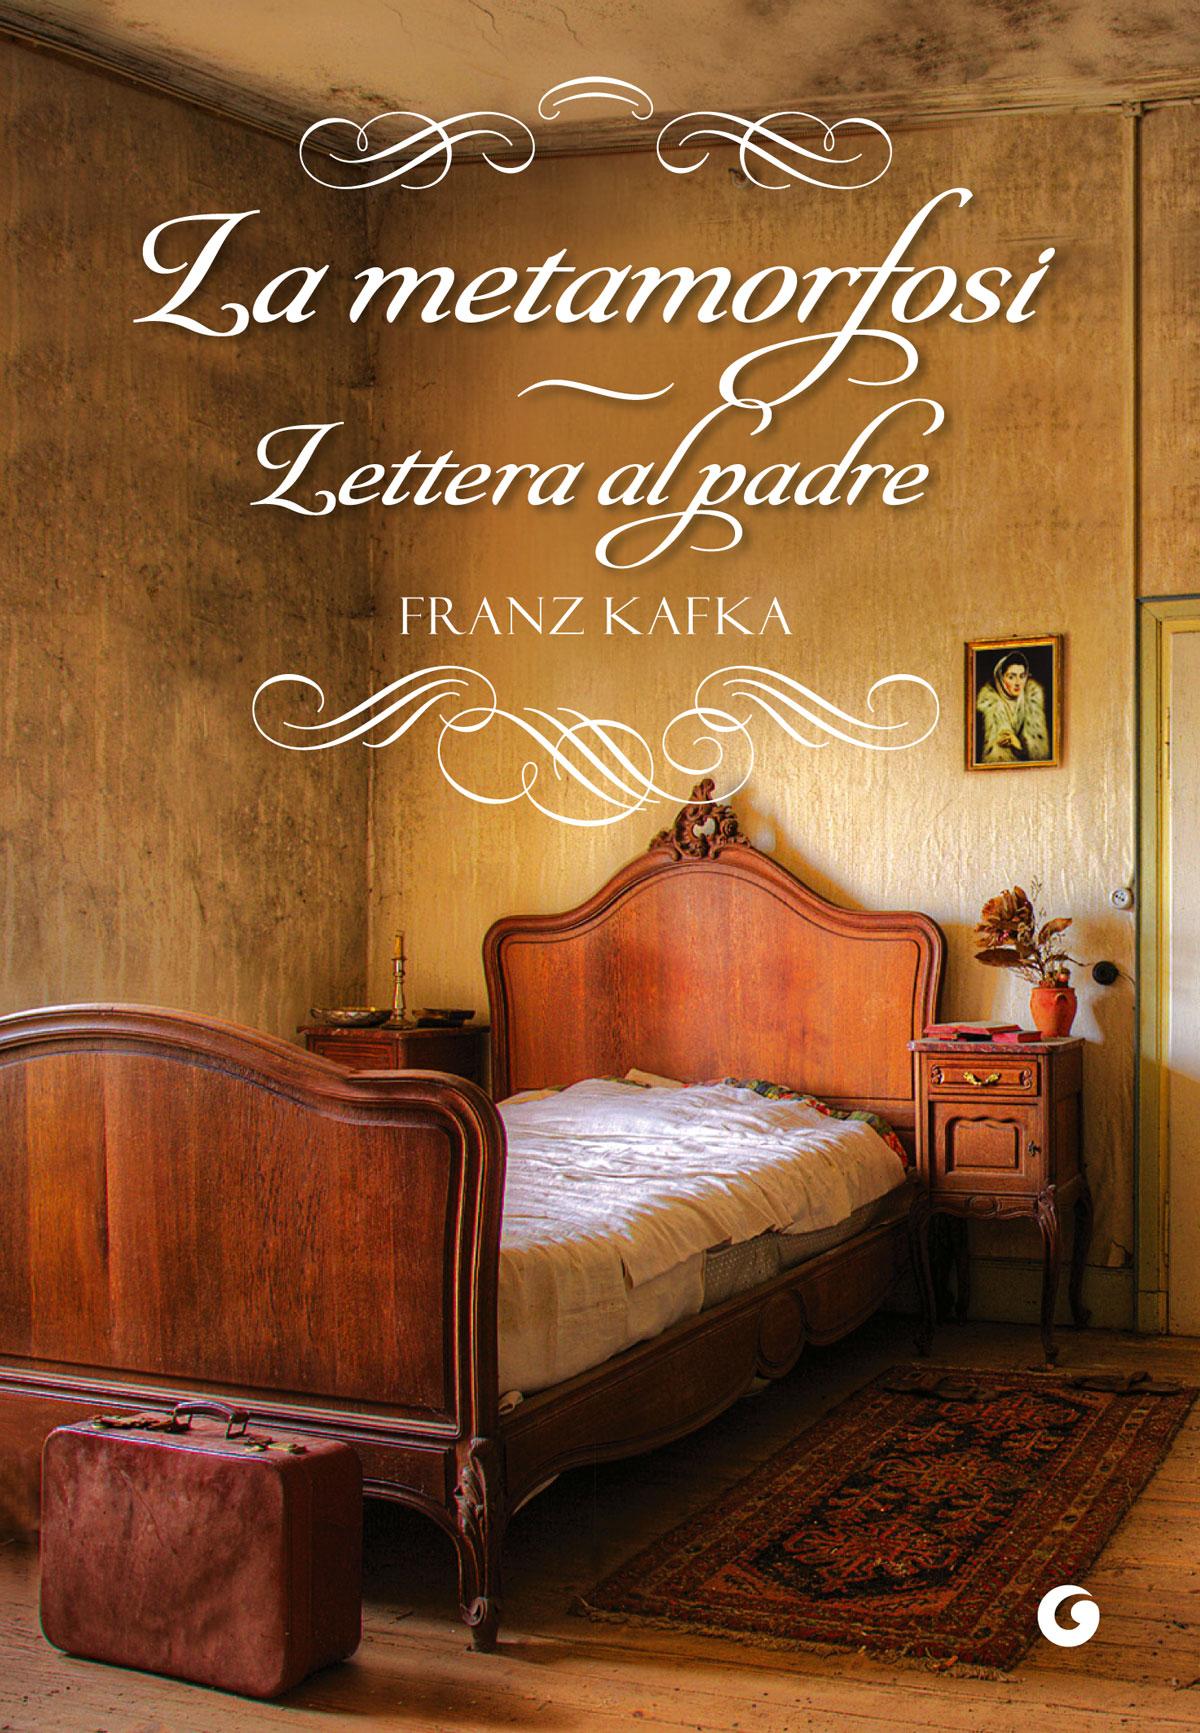 La metamorfosi. Lettera al padre